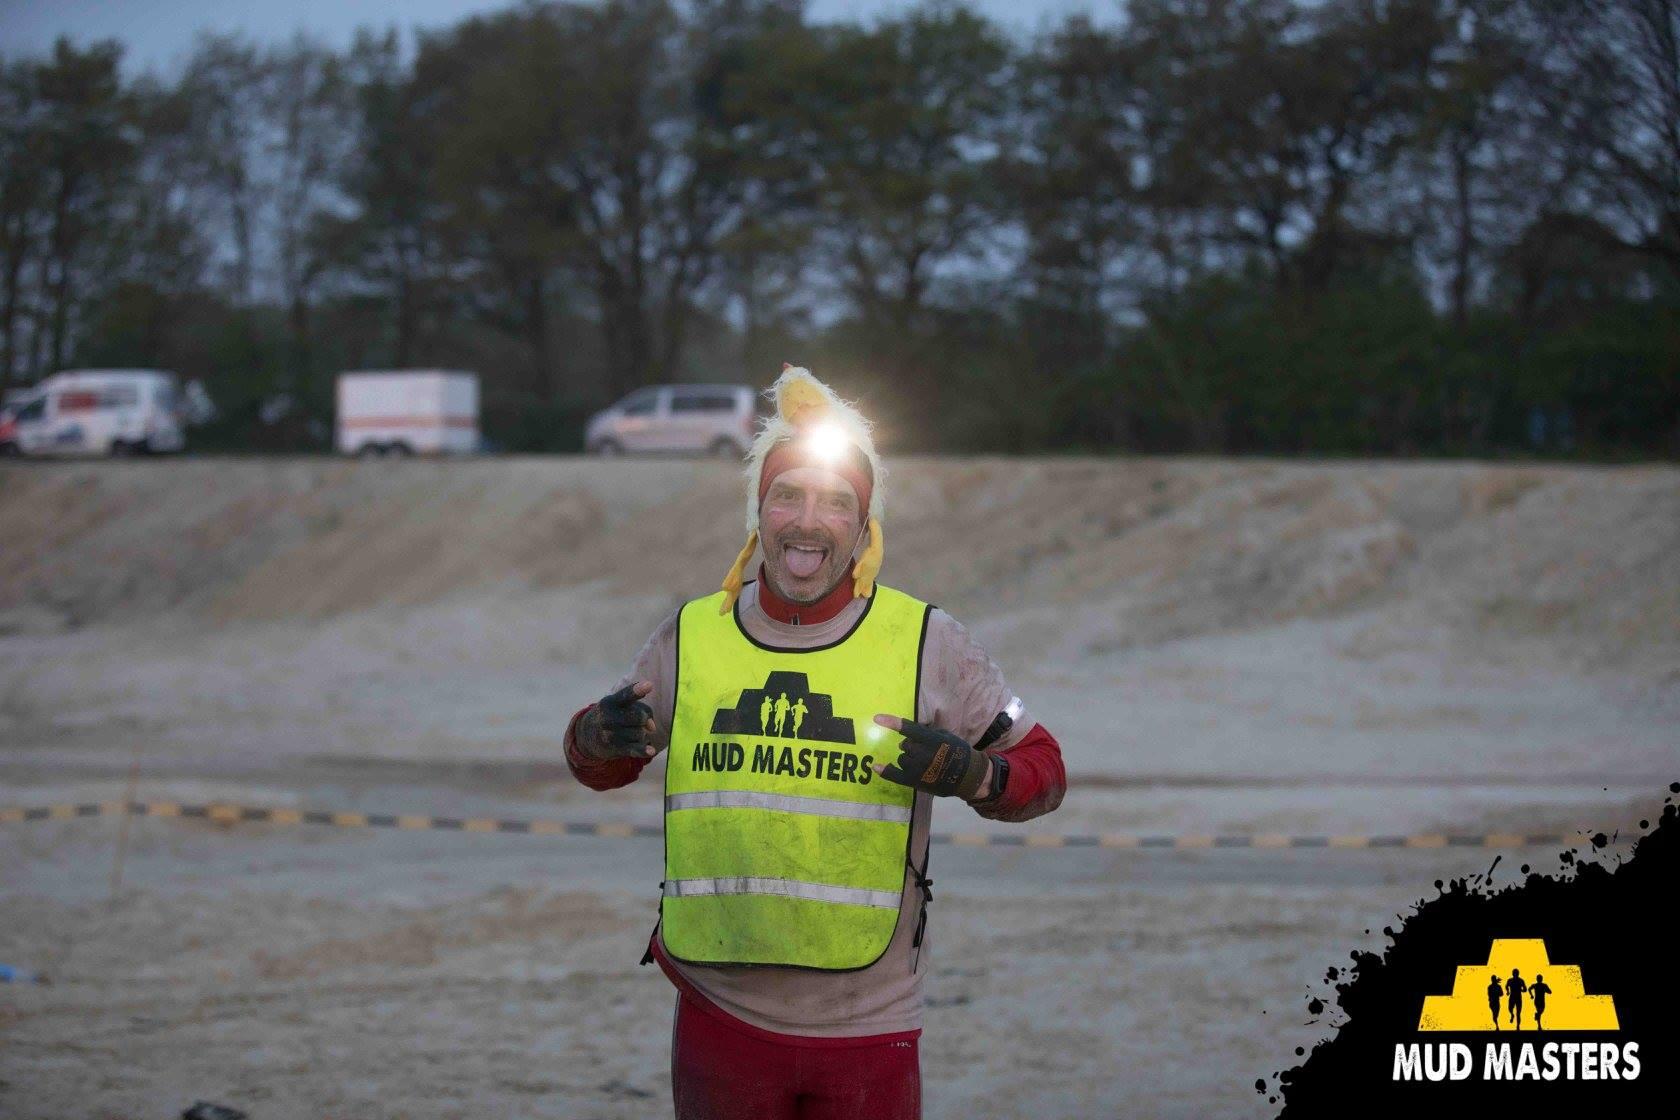 Mud Masters Obstacle Run Night Shift, Hindernislauf Deutschland, Tough Chicken 2